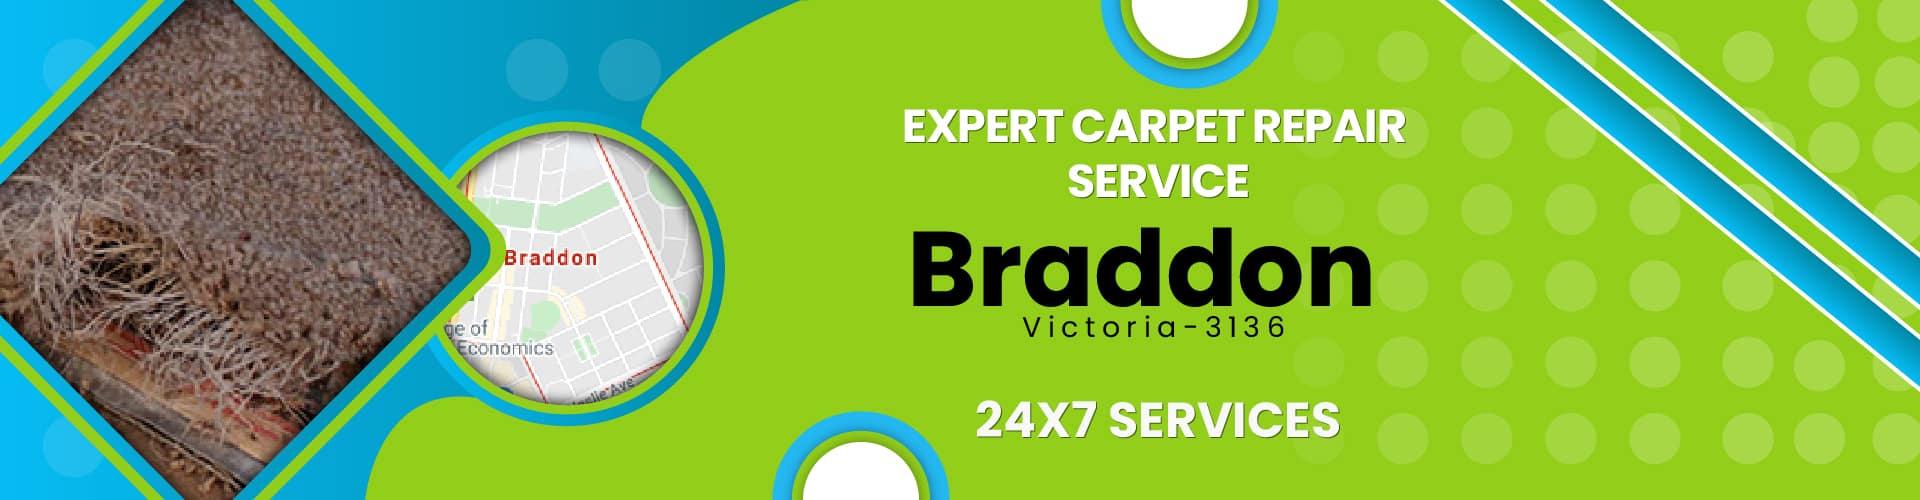 Carpet Repair Braddon